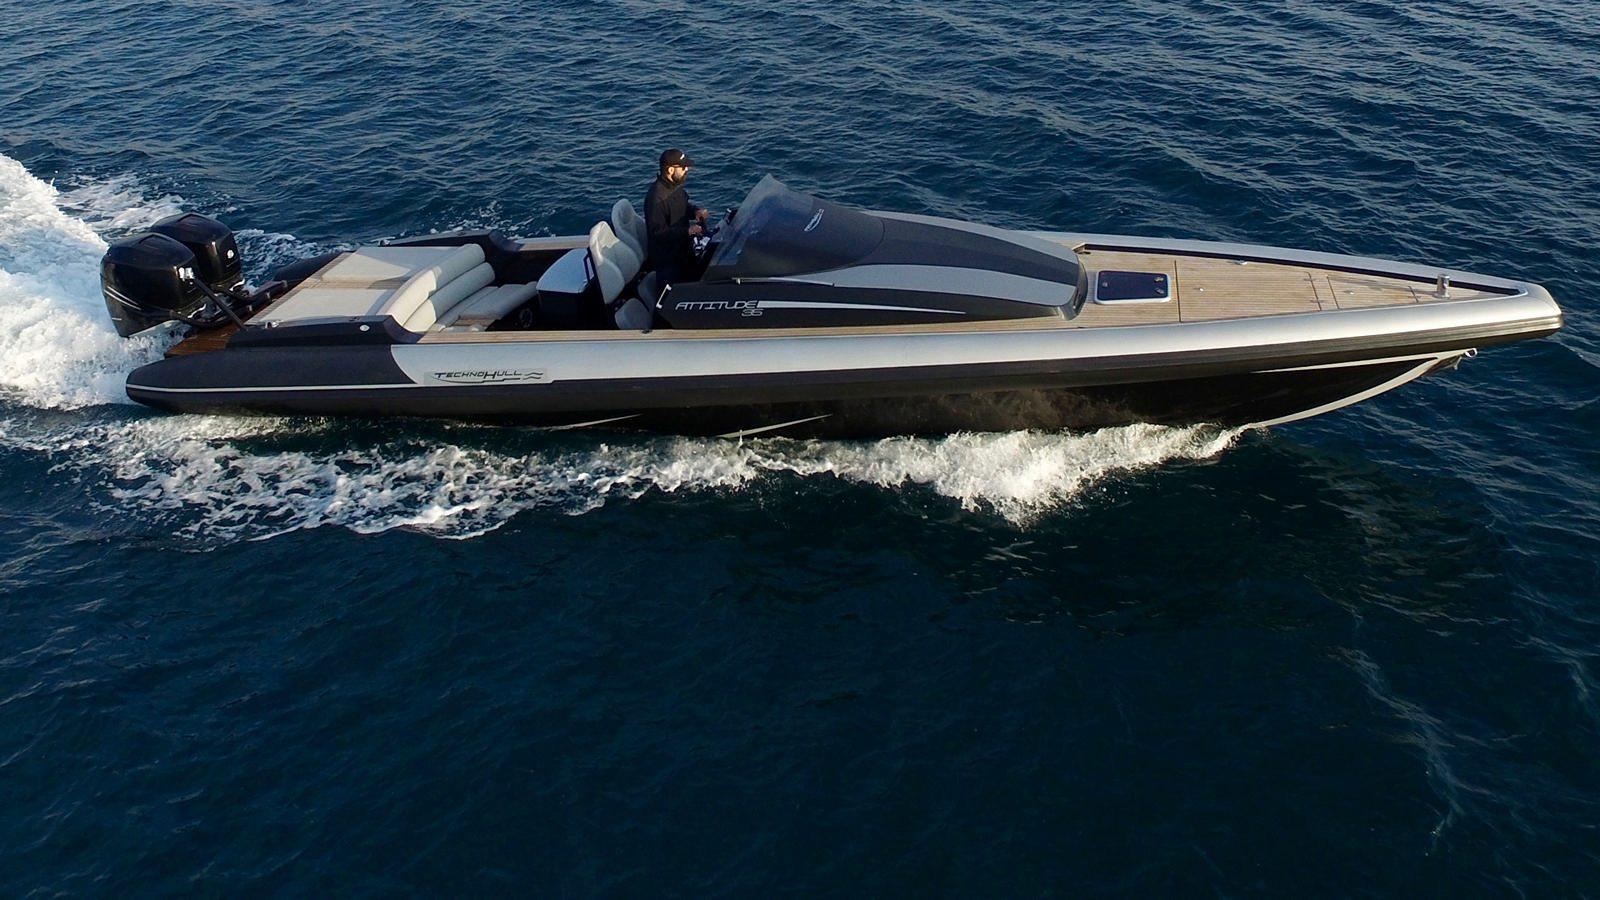 סירה חצי קשיחה TECHNOHULL ATTITUDE 35 - סטרים יאכטות - TECHNOHULL ATTITUDE 35 - Stream Yachts